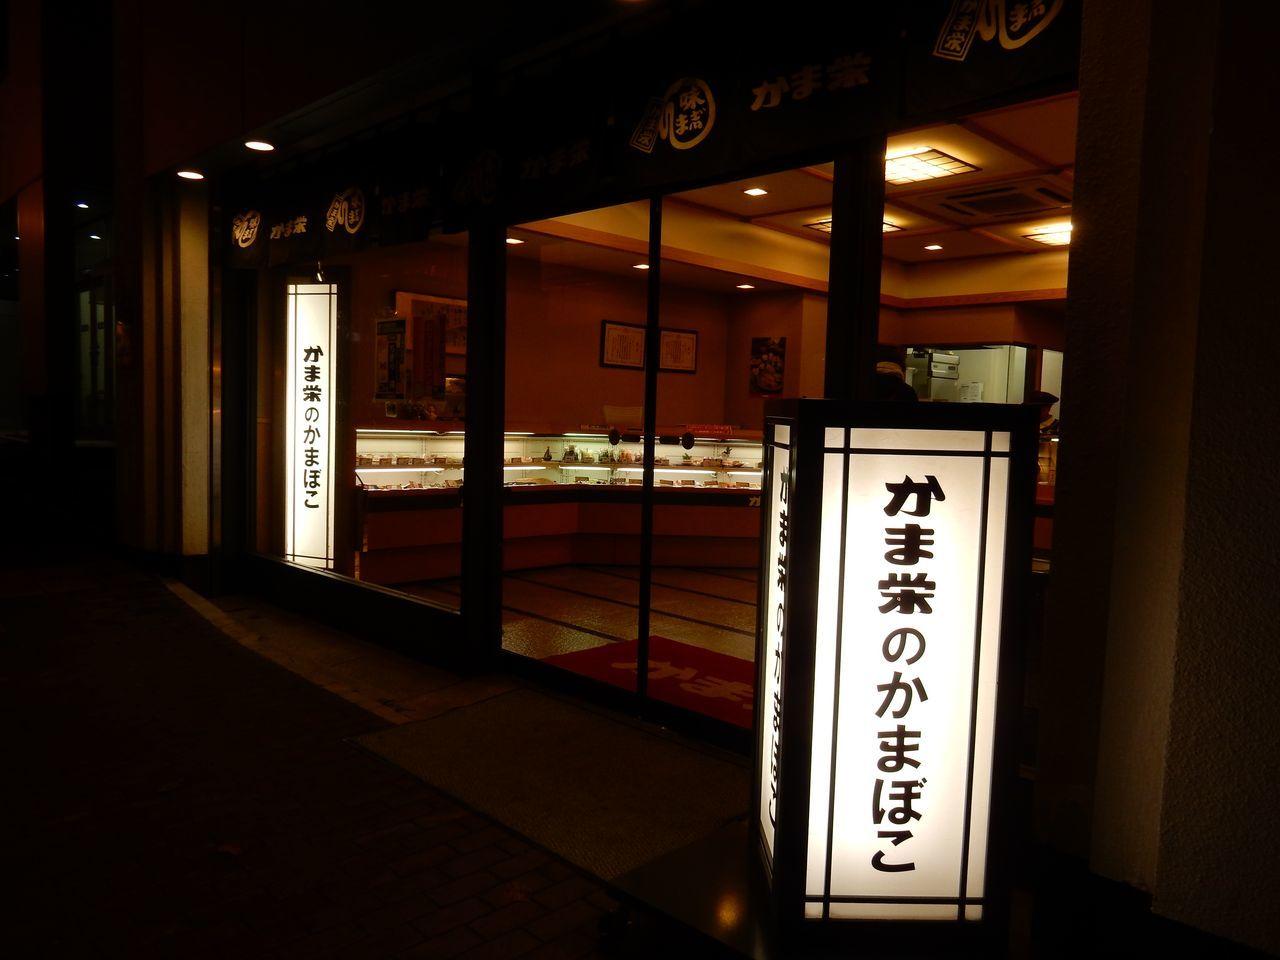 今日は北大、昨日は小樽_c0025115_21195709.jpg